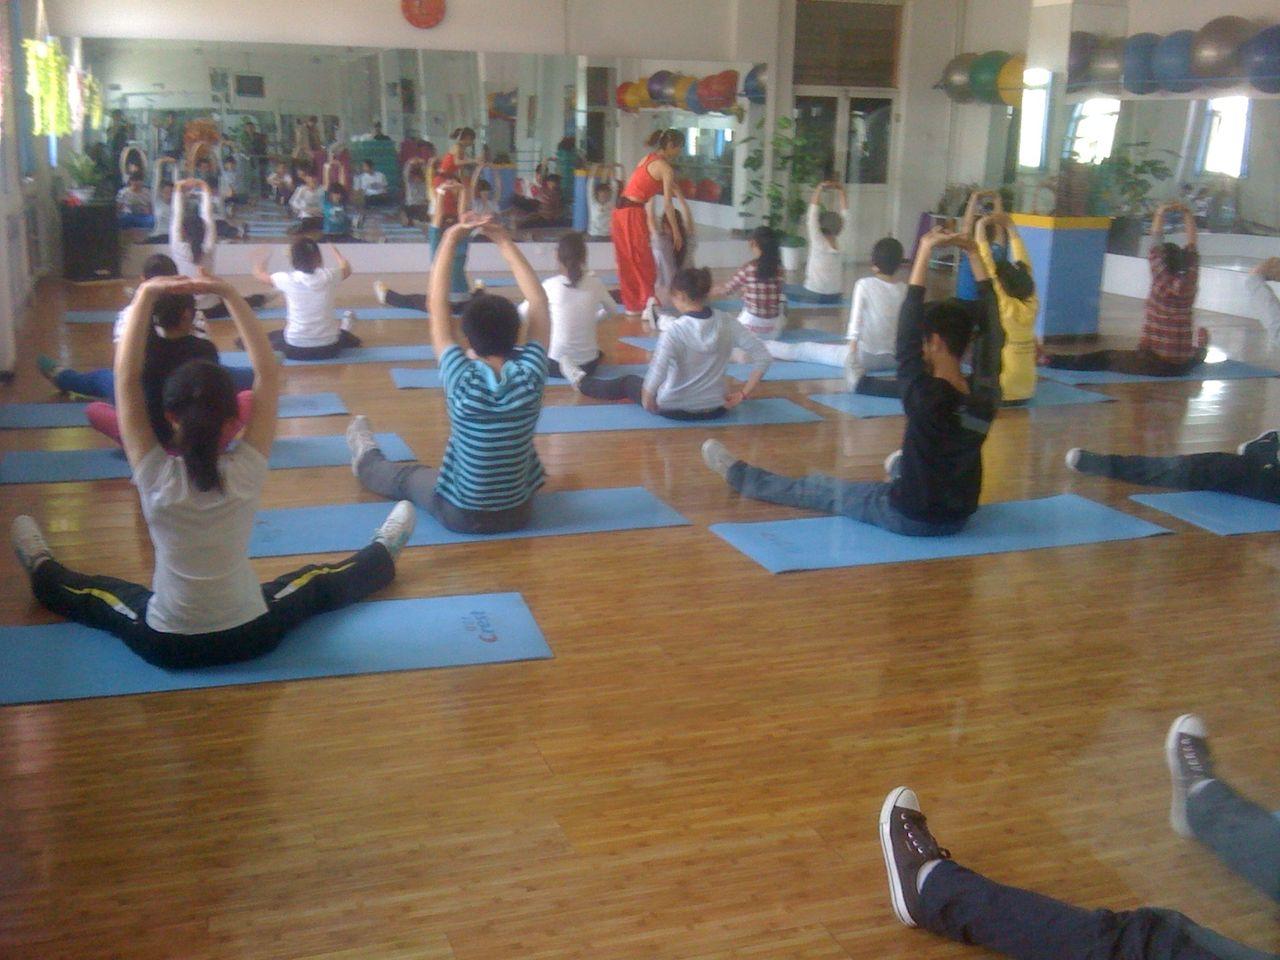 润体去燥的瑜伽动作 瑜伽体式